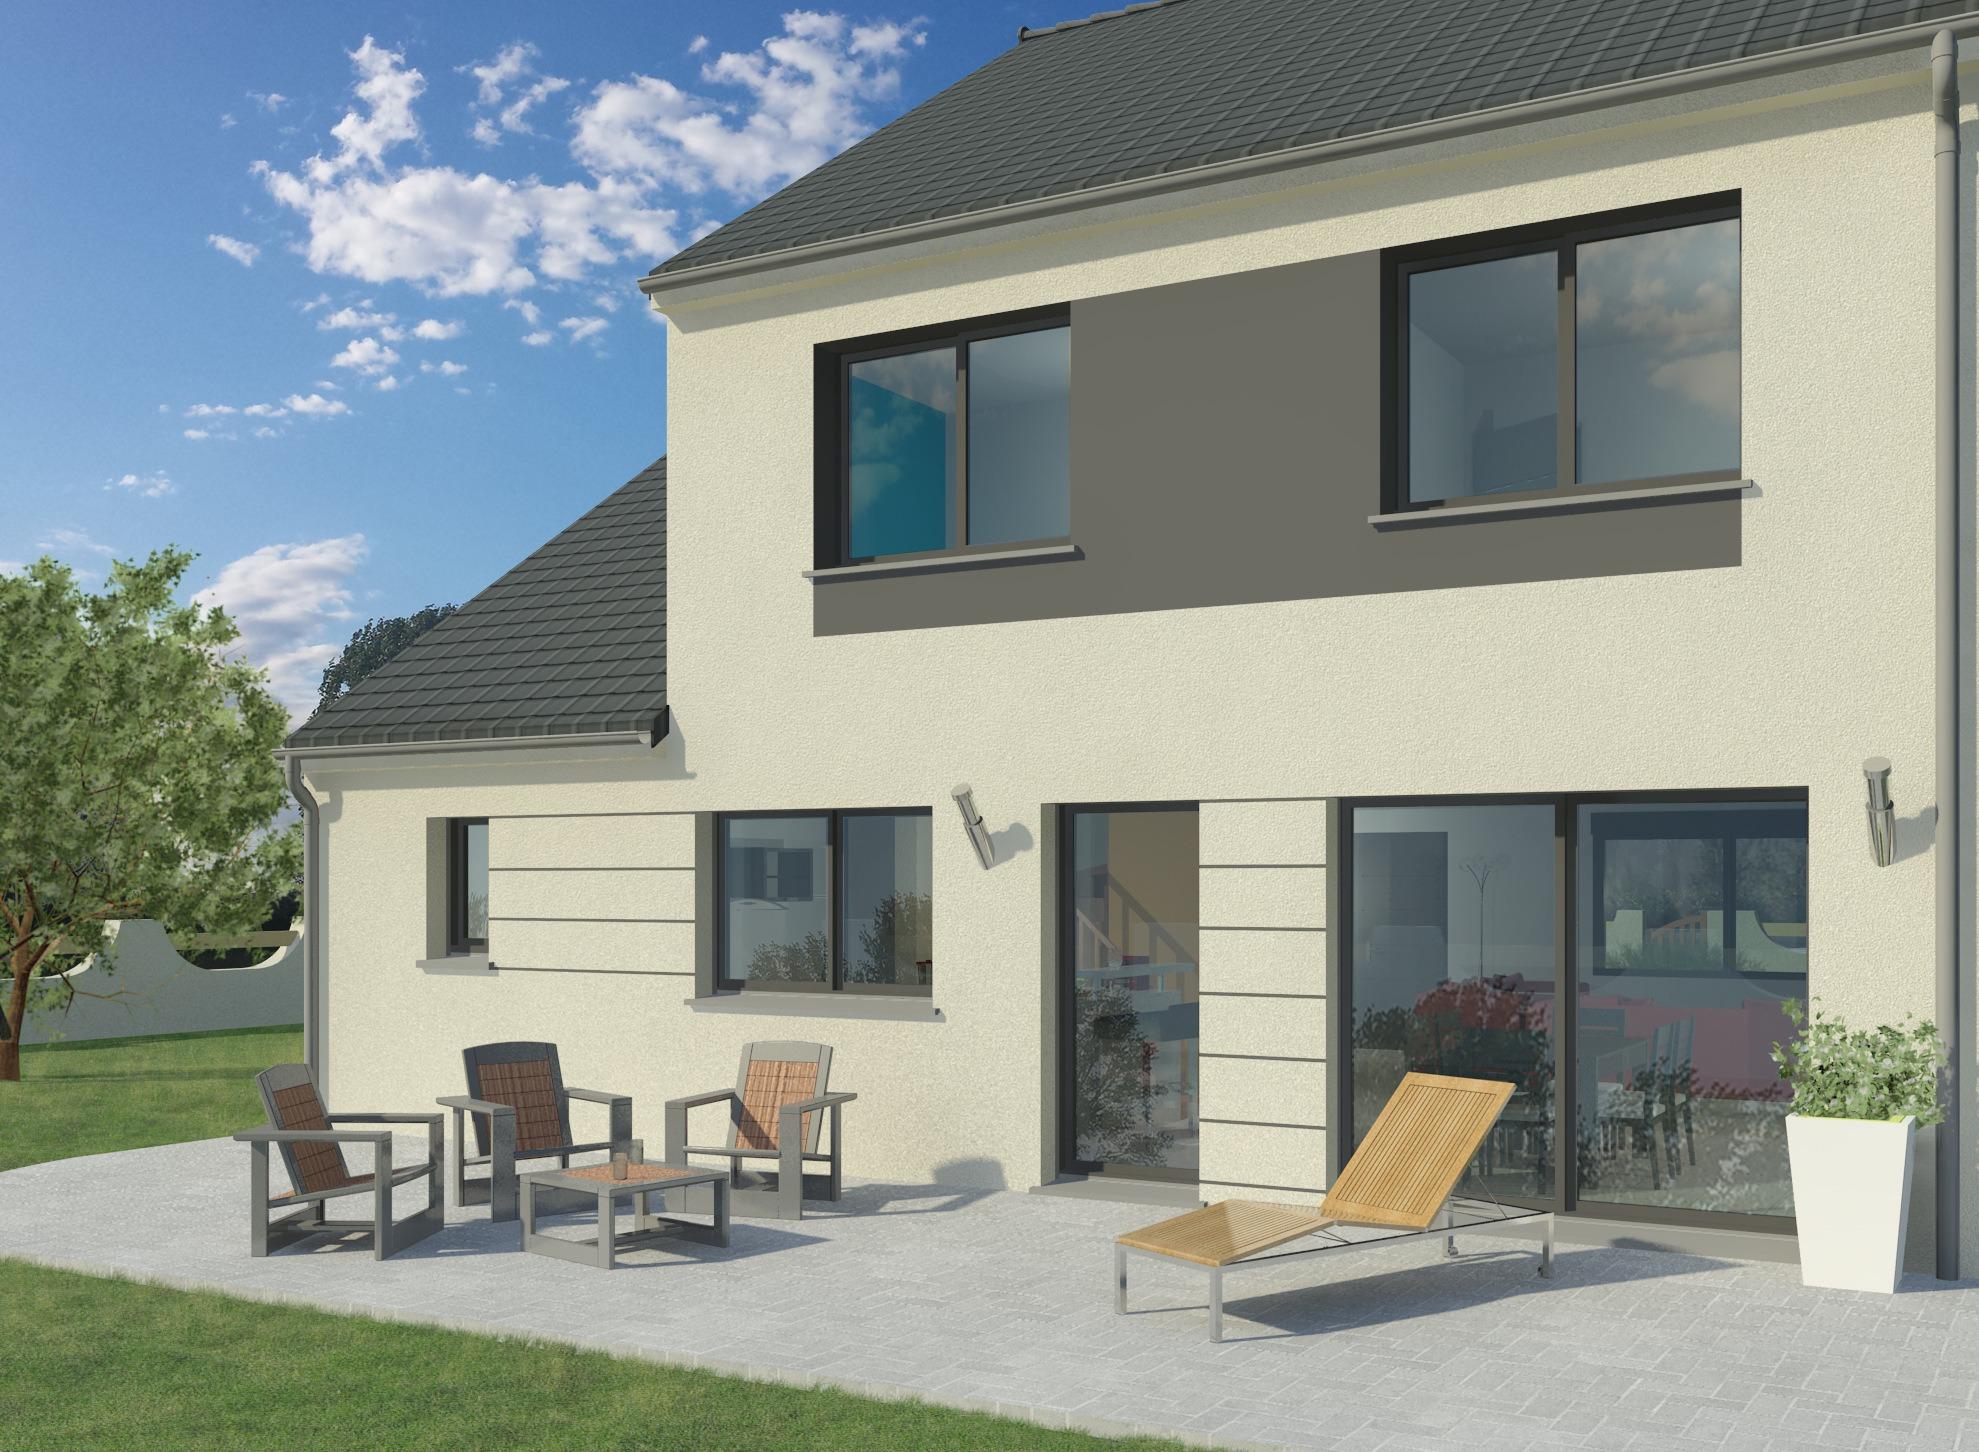 Maisons + Terrains du constructeur MAISON FAMILIALE • 118 m² • CHAVIGNY